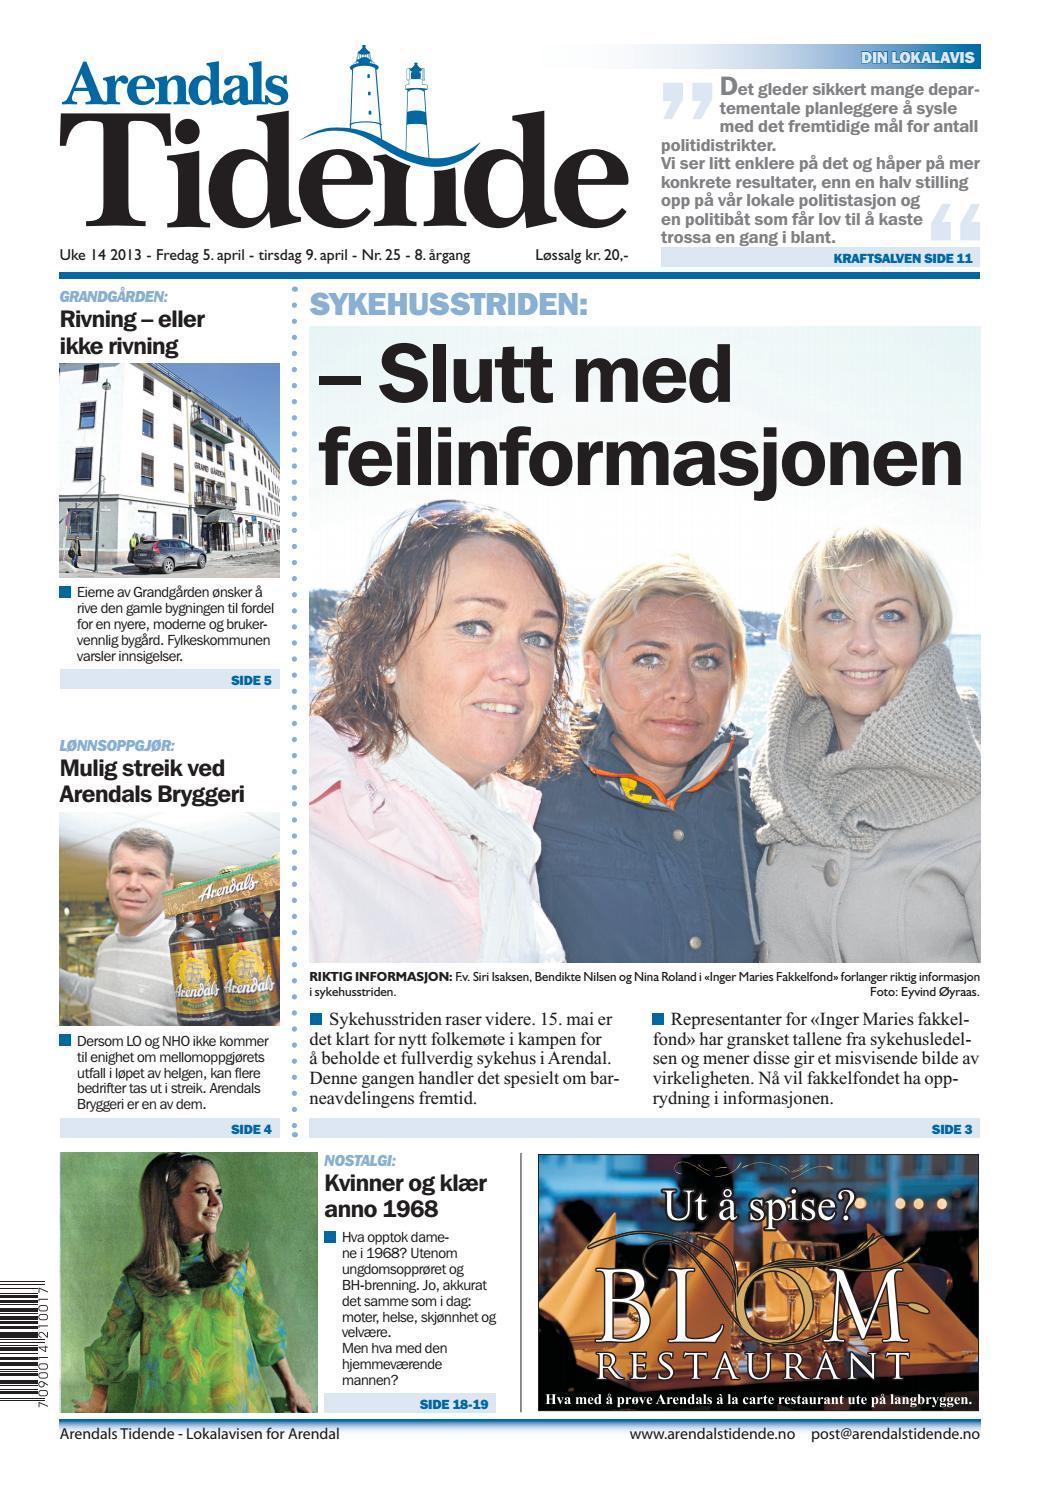 norges naturistforbund sex i arendal